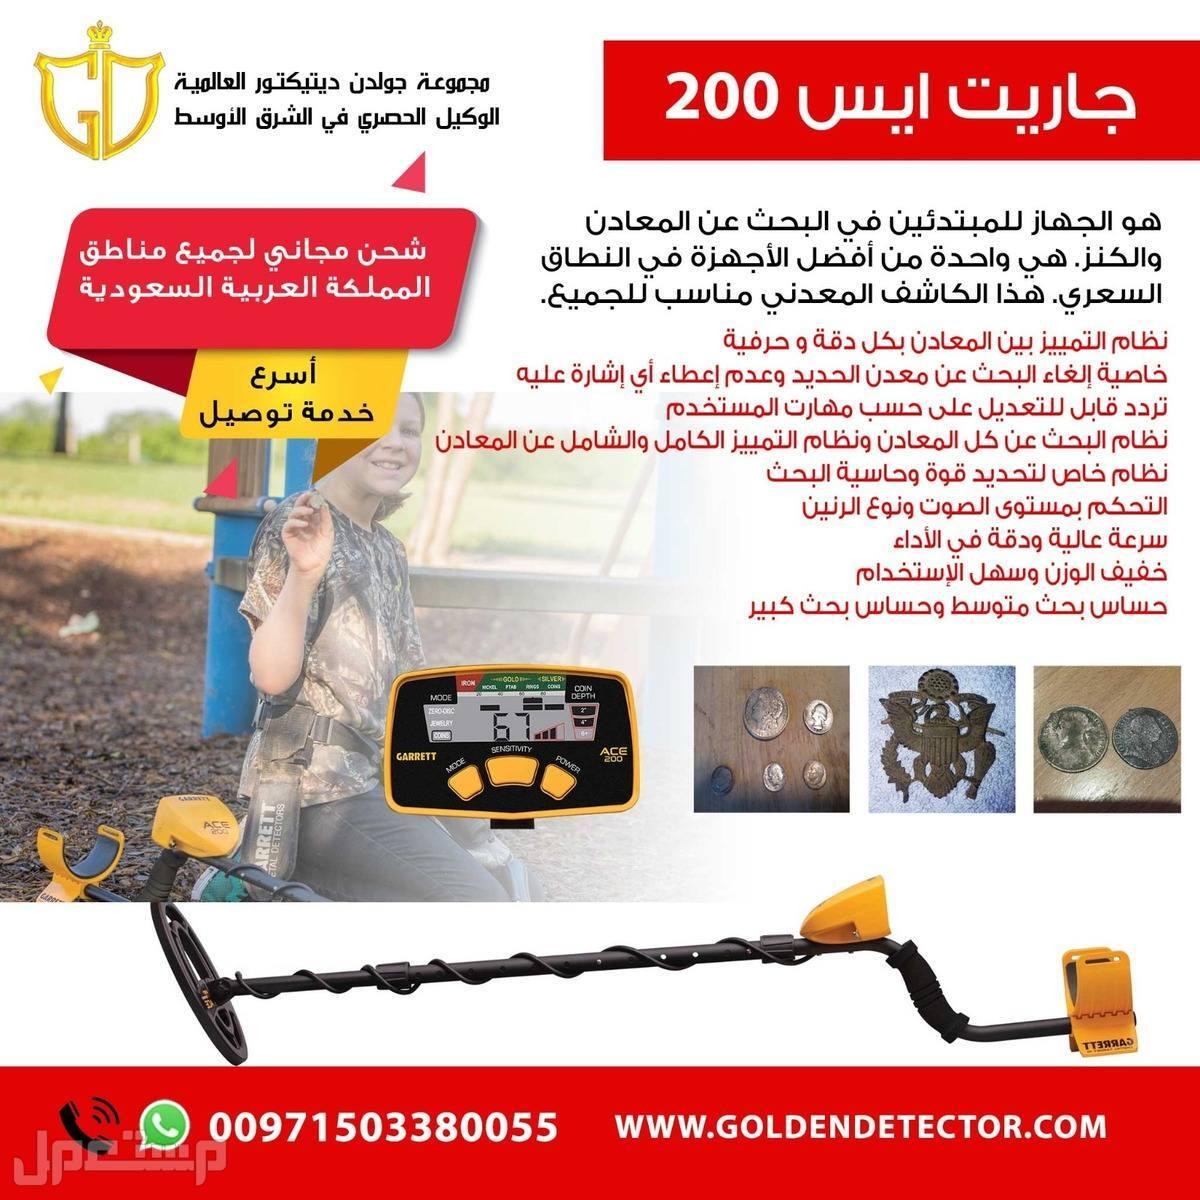 جهاز كشف الذهب الخام & العملات النقدية | شركة جولدن ديتيكتور